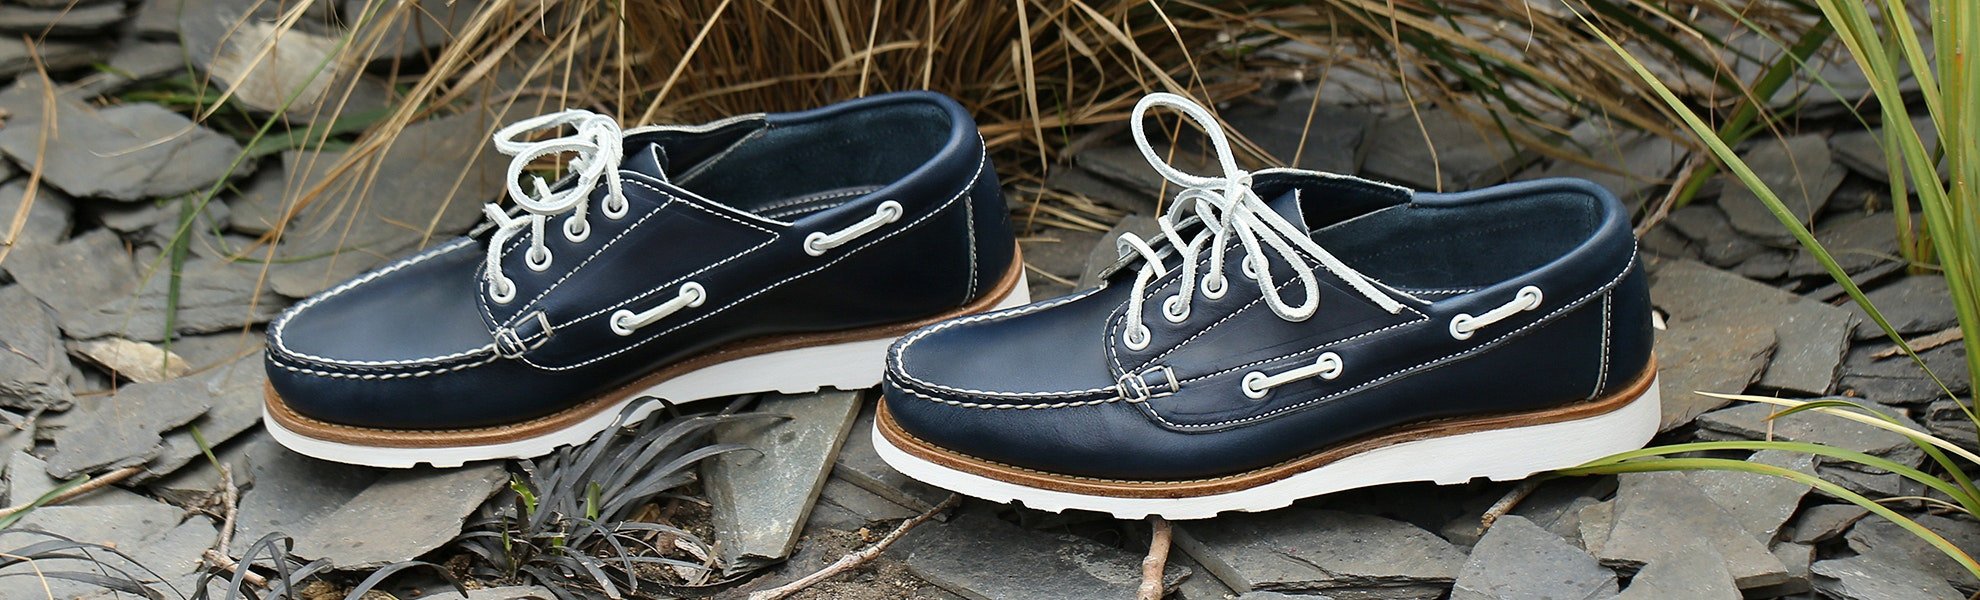 Lanona Spaulding Boat Shoe